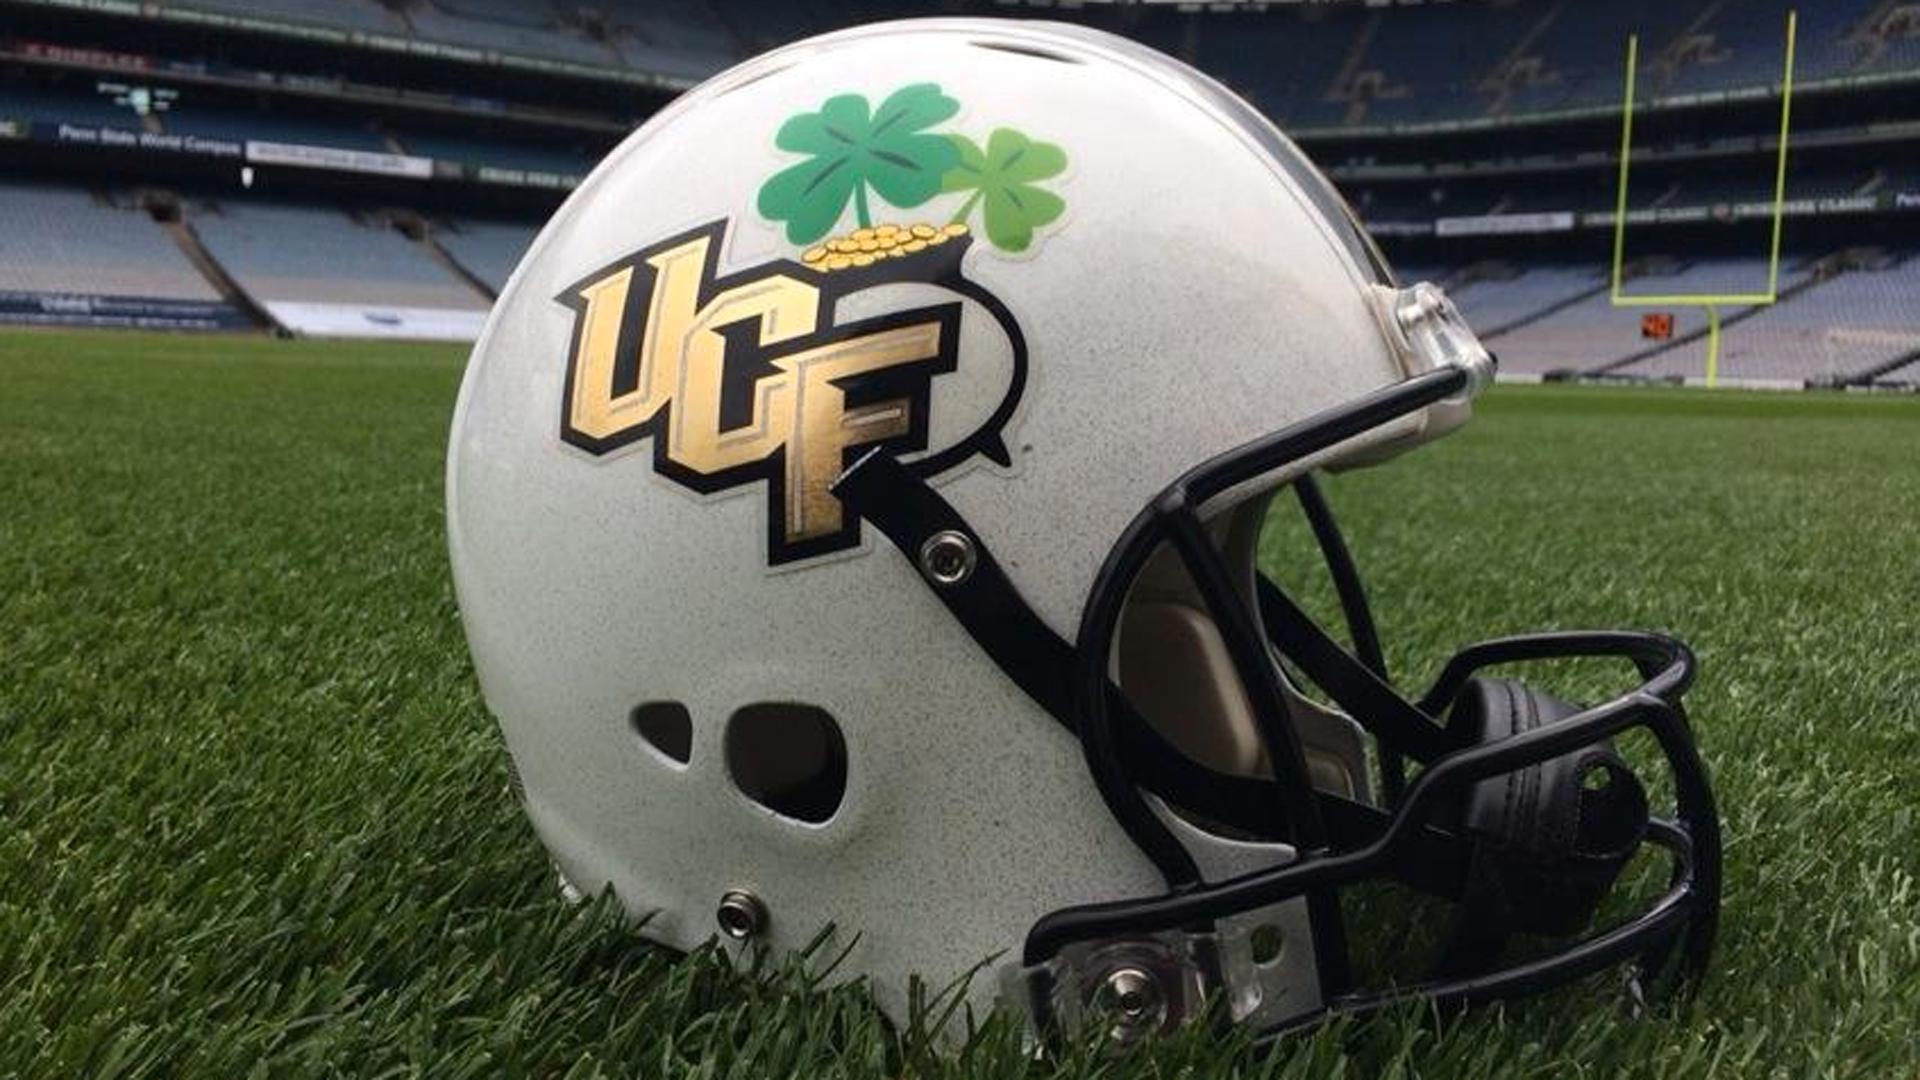 UCF-Helmet-082914-FTR-Twitter.jpg